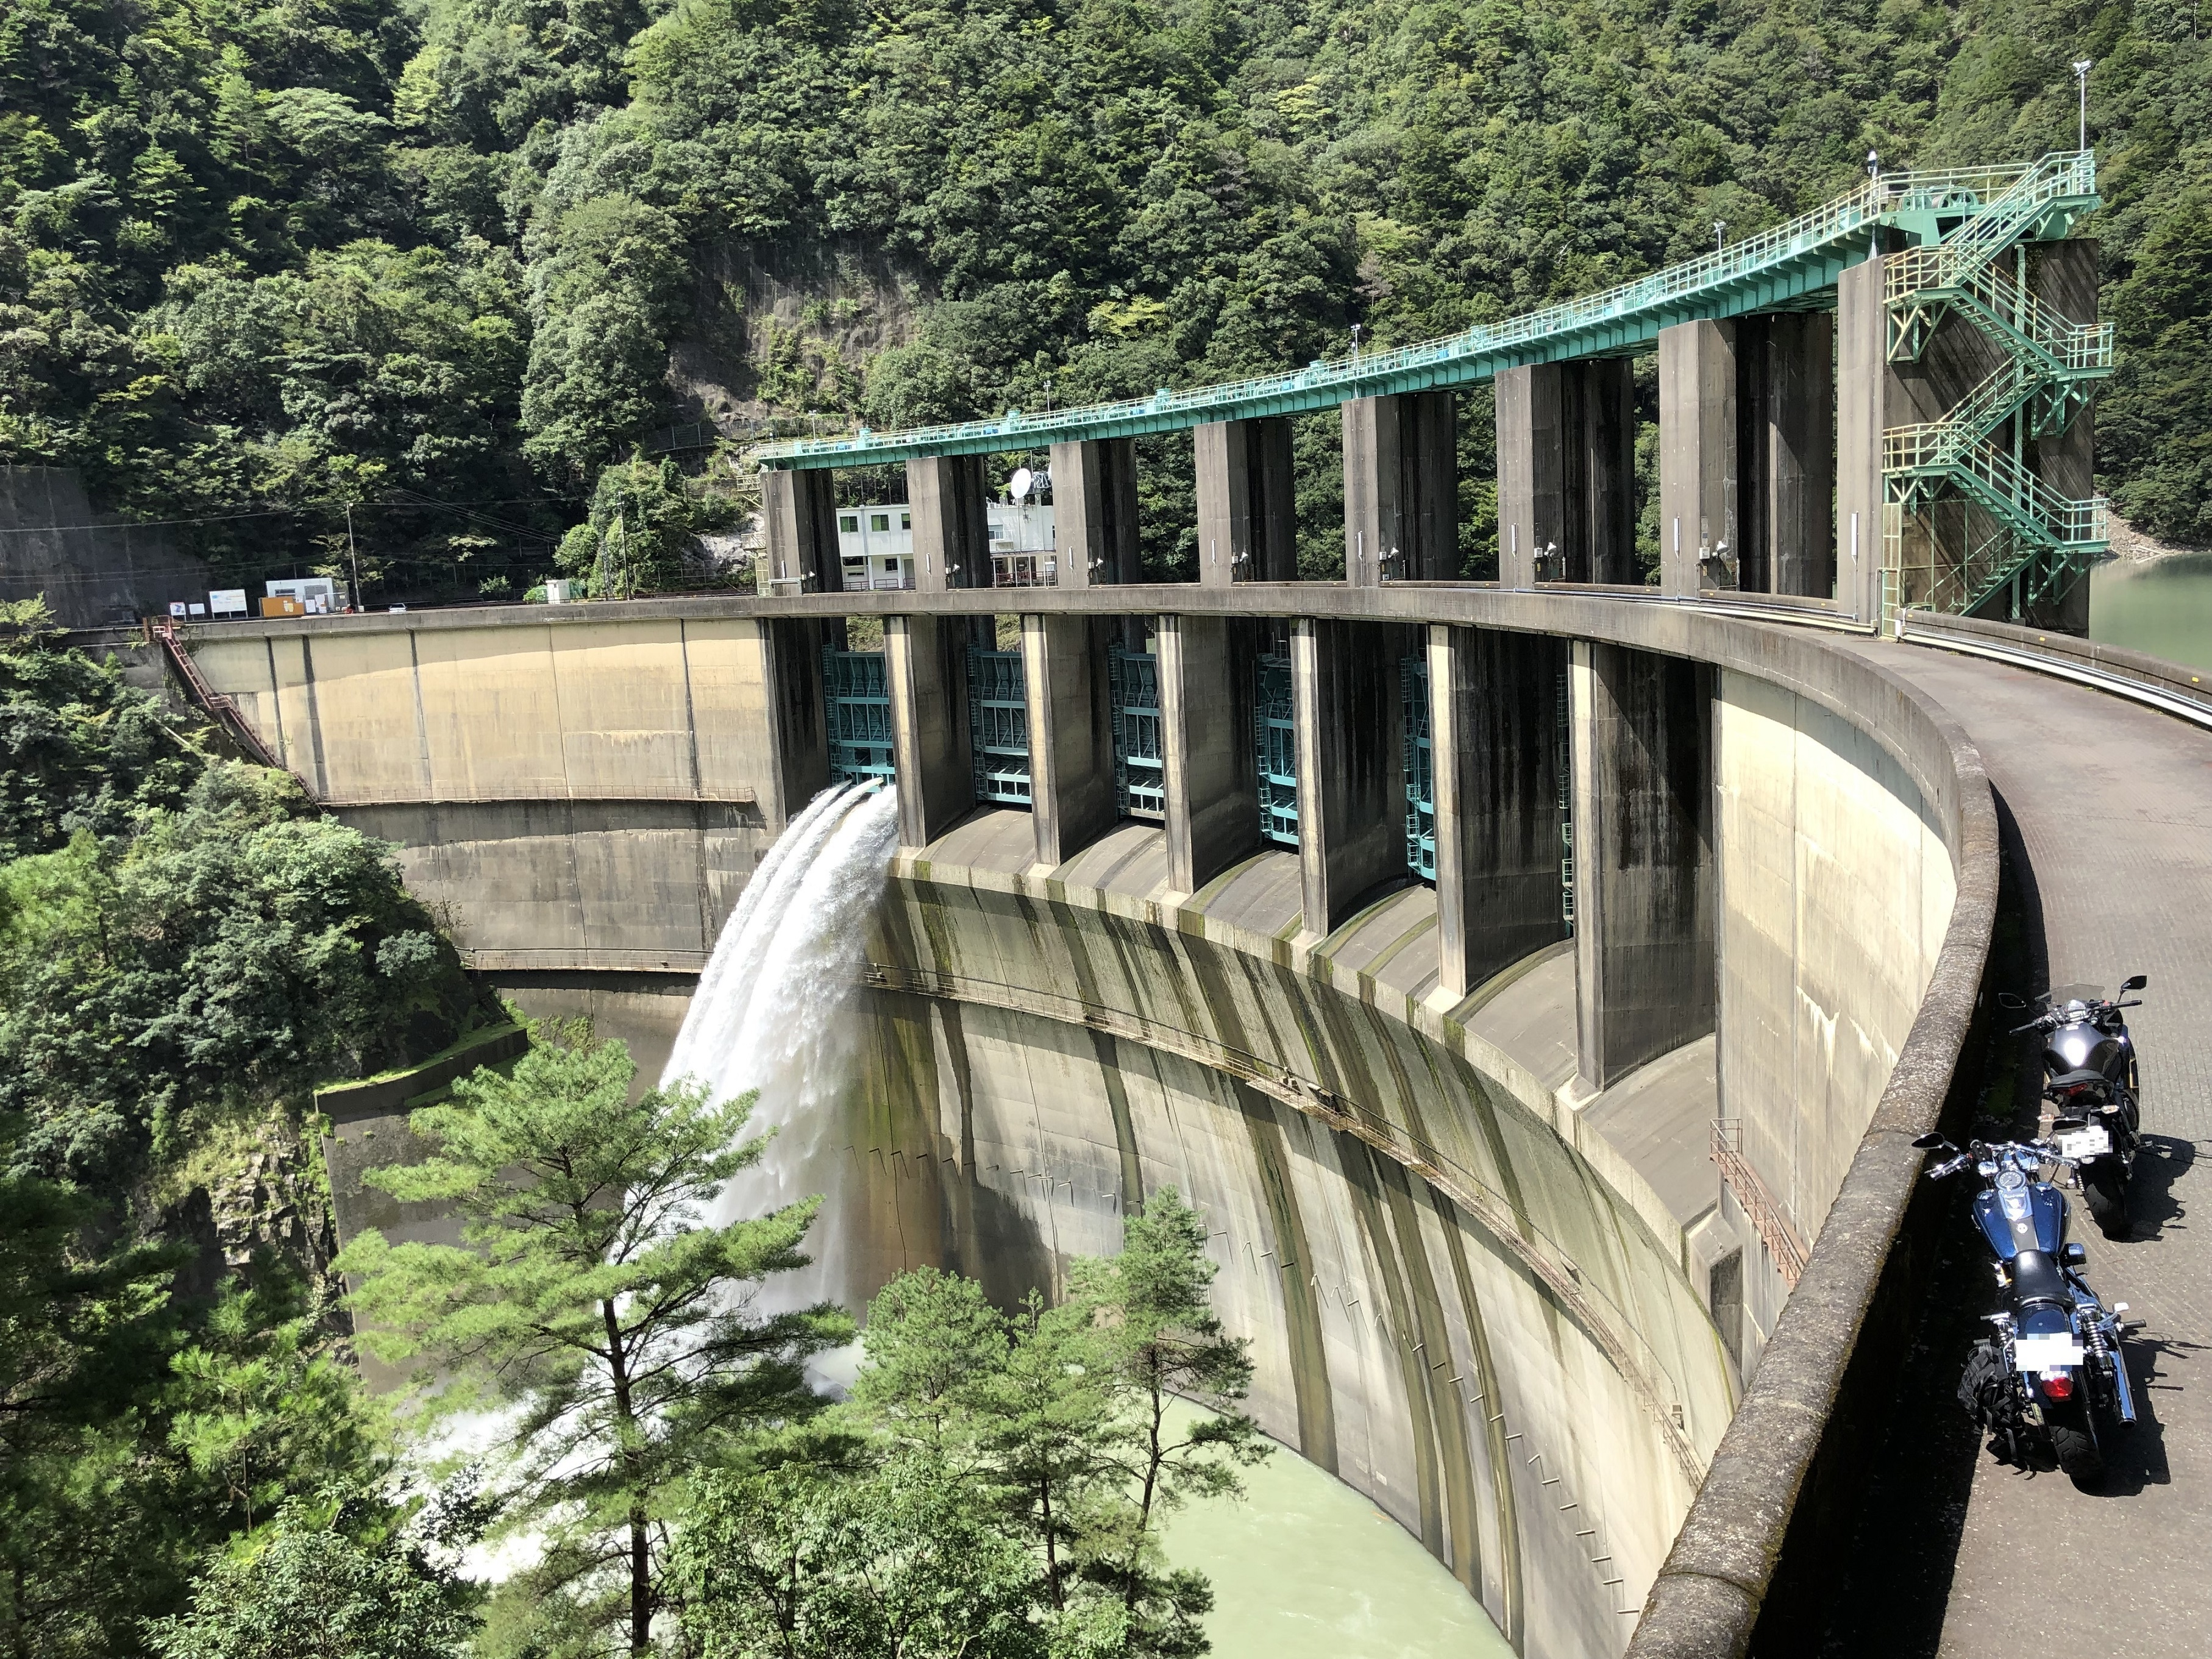 ぴーきち&ダイナ ハーレー で行く 十津川村 二津野ダム